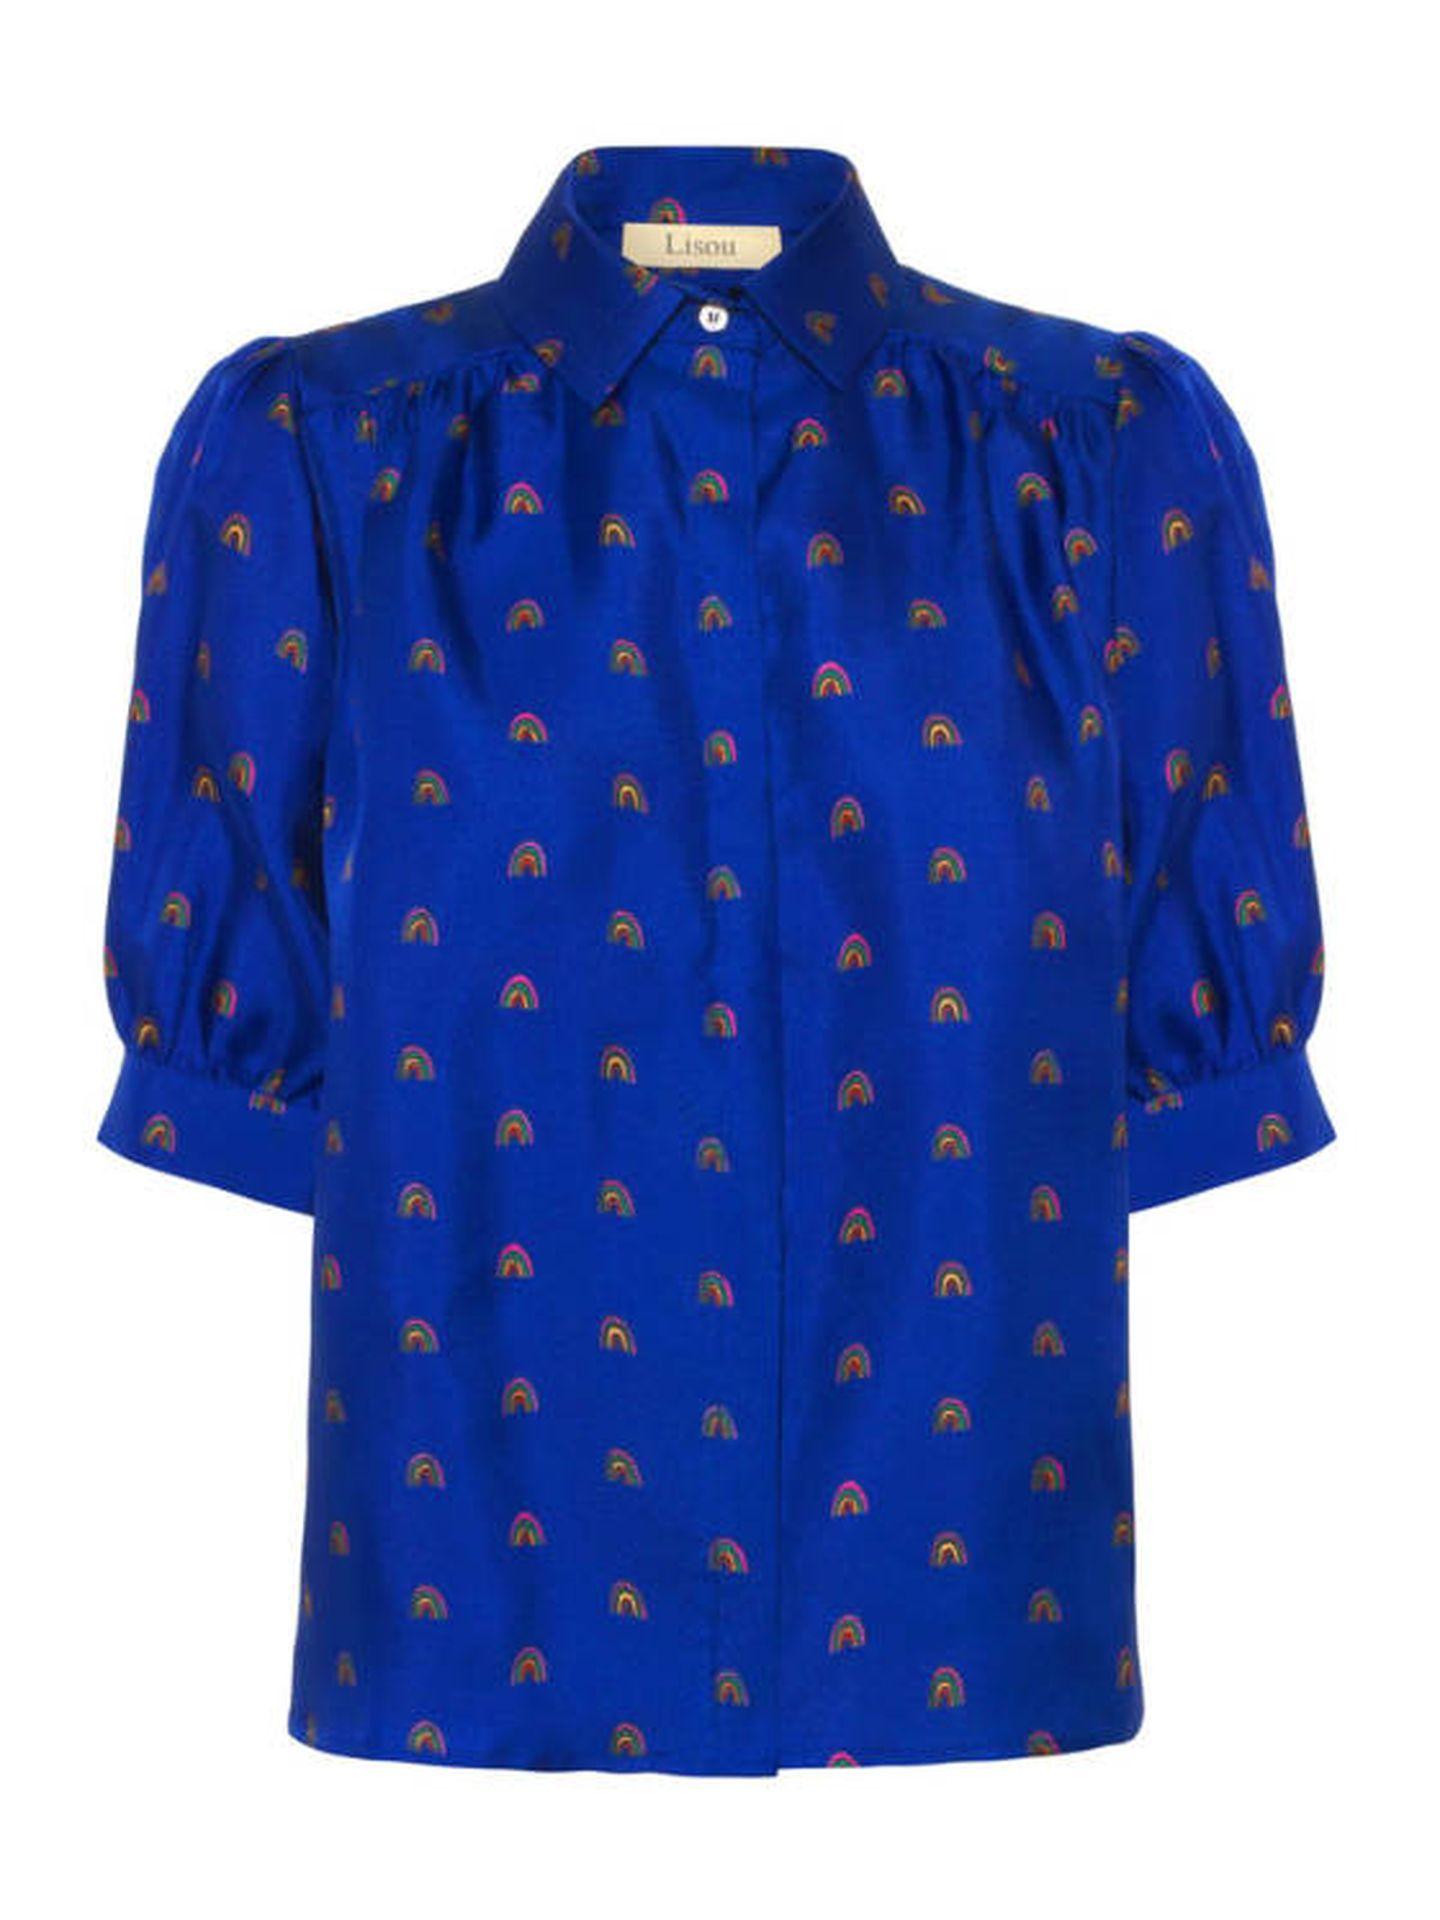 La nueva camisa de Kate Middleton. (Cortesía)